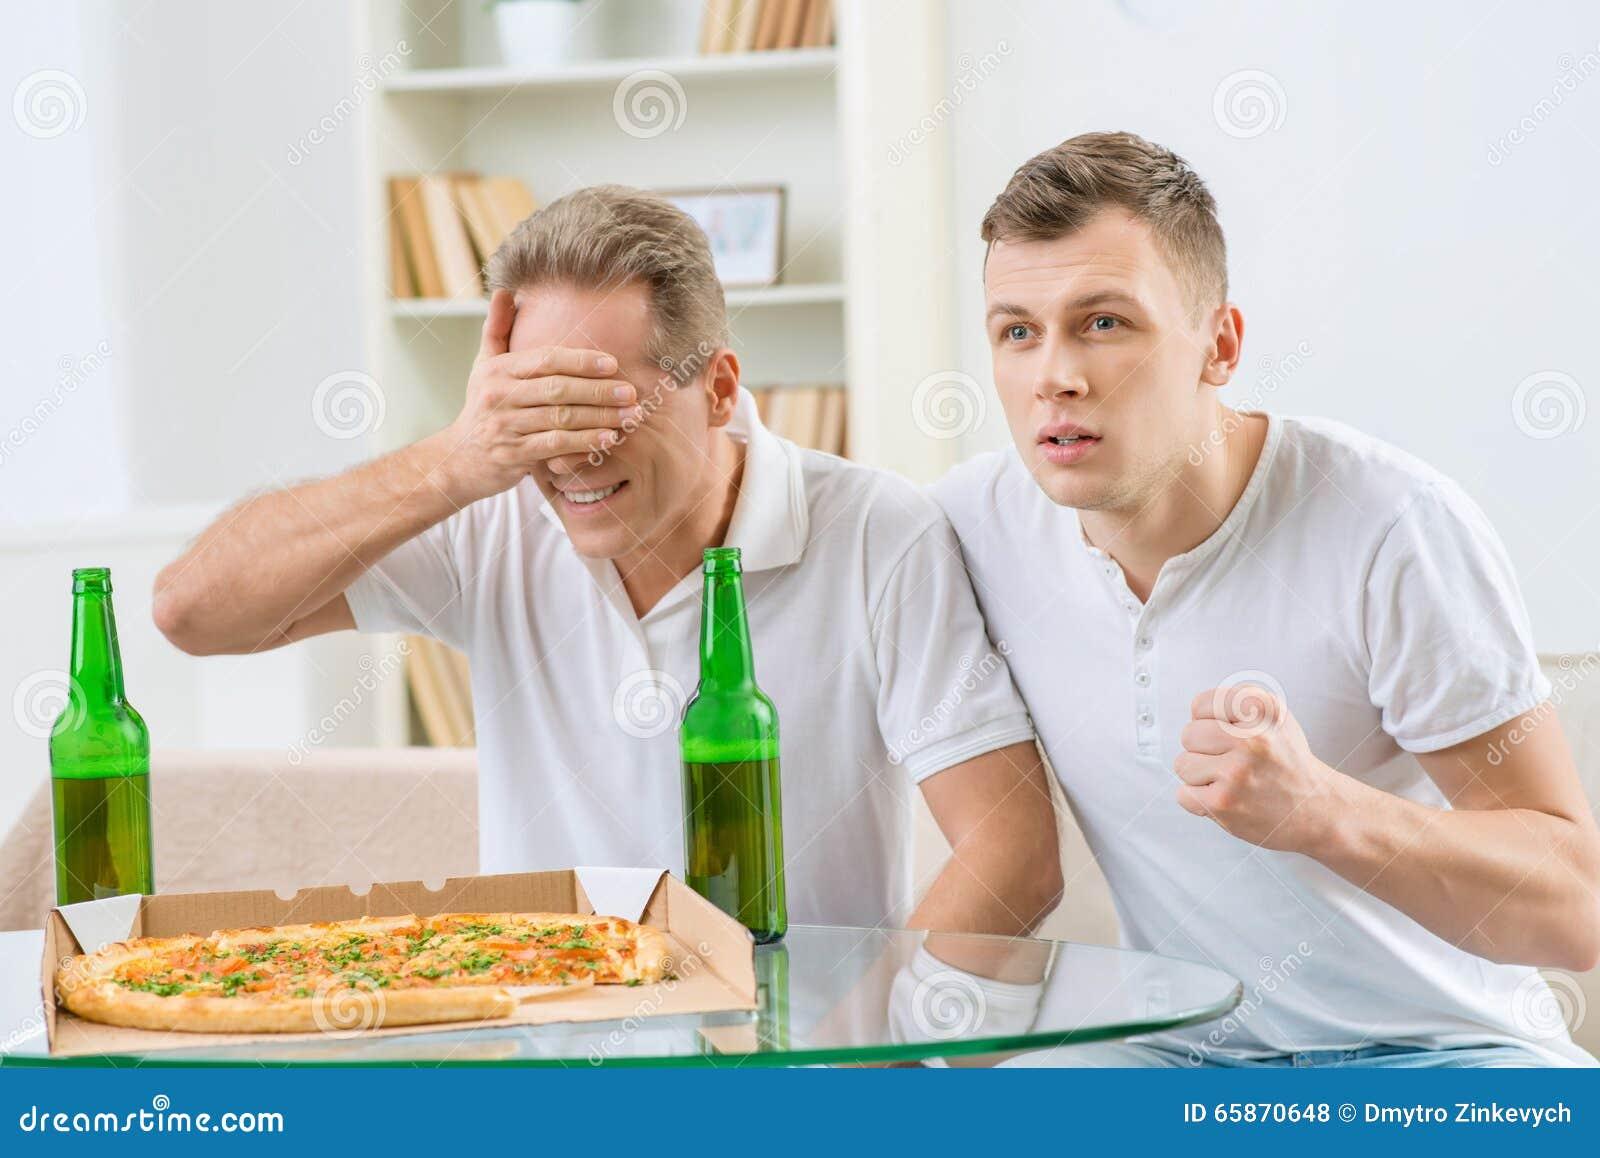 Папа пьет что делать